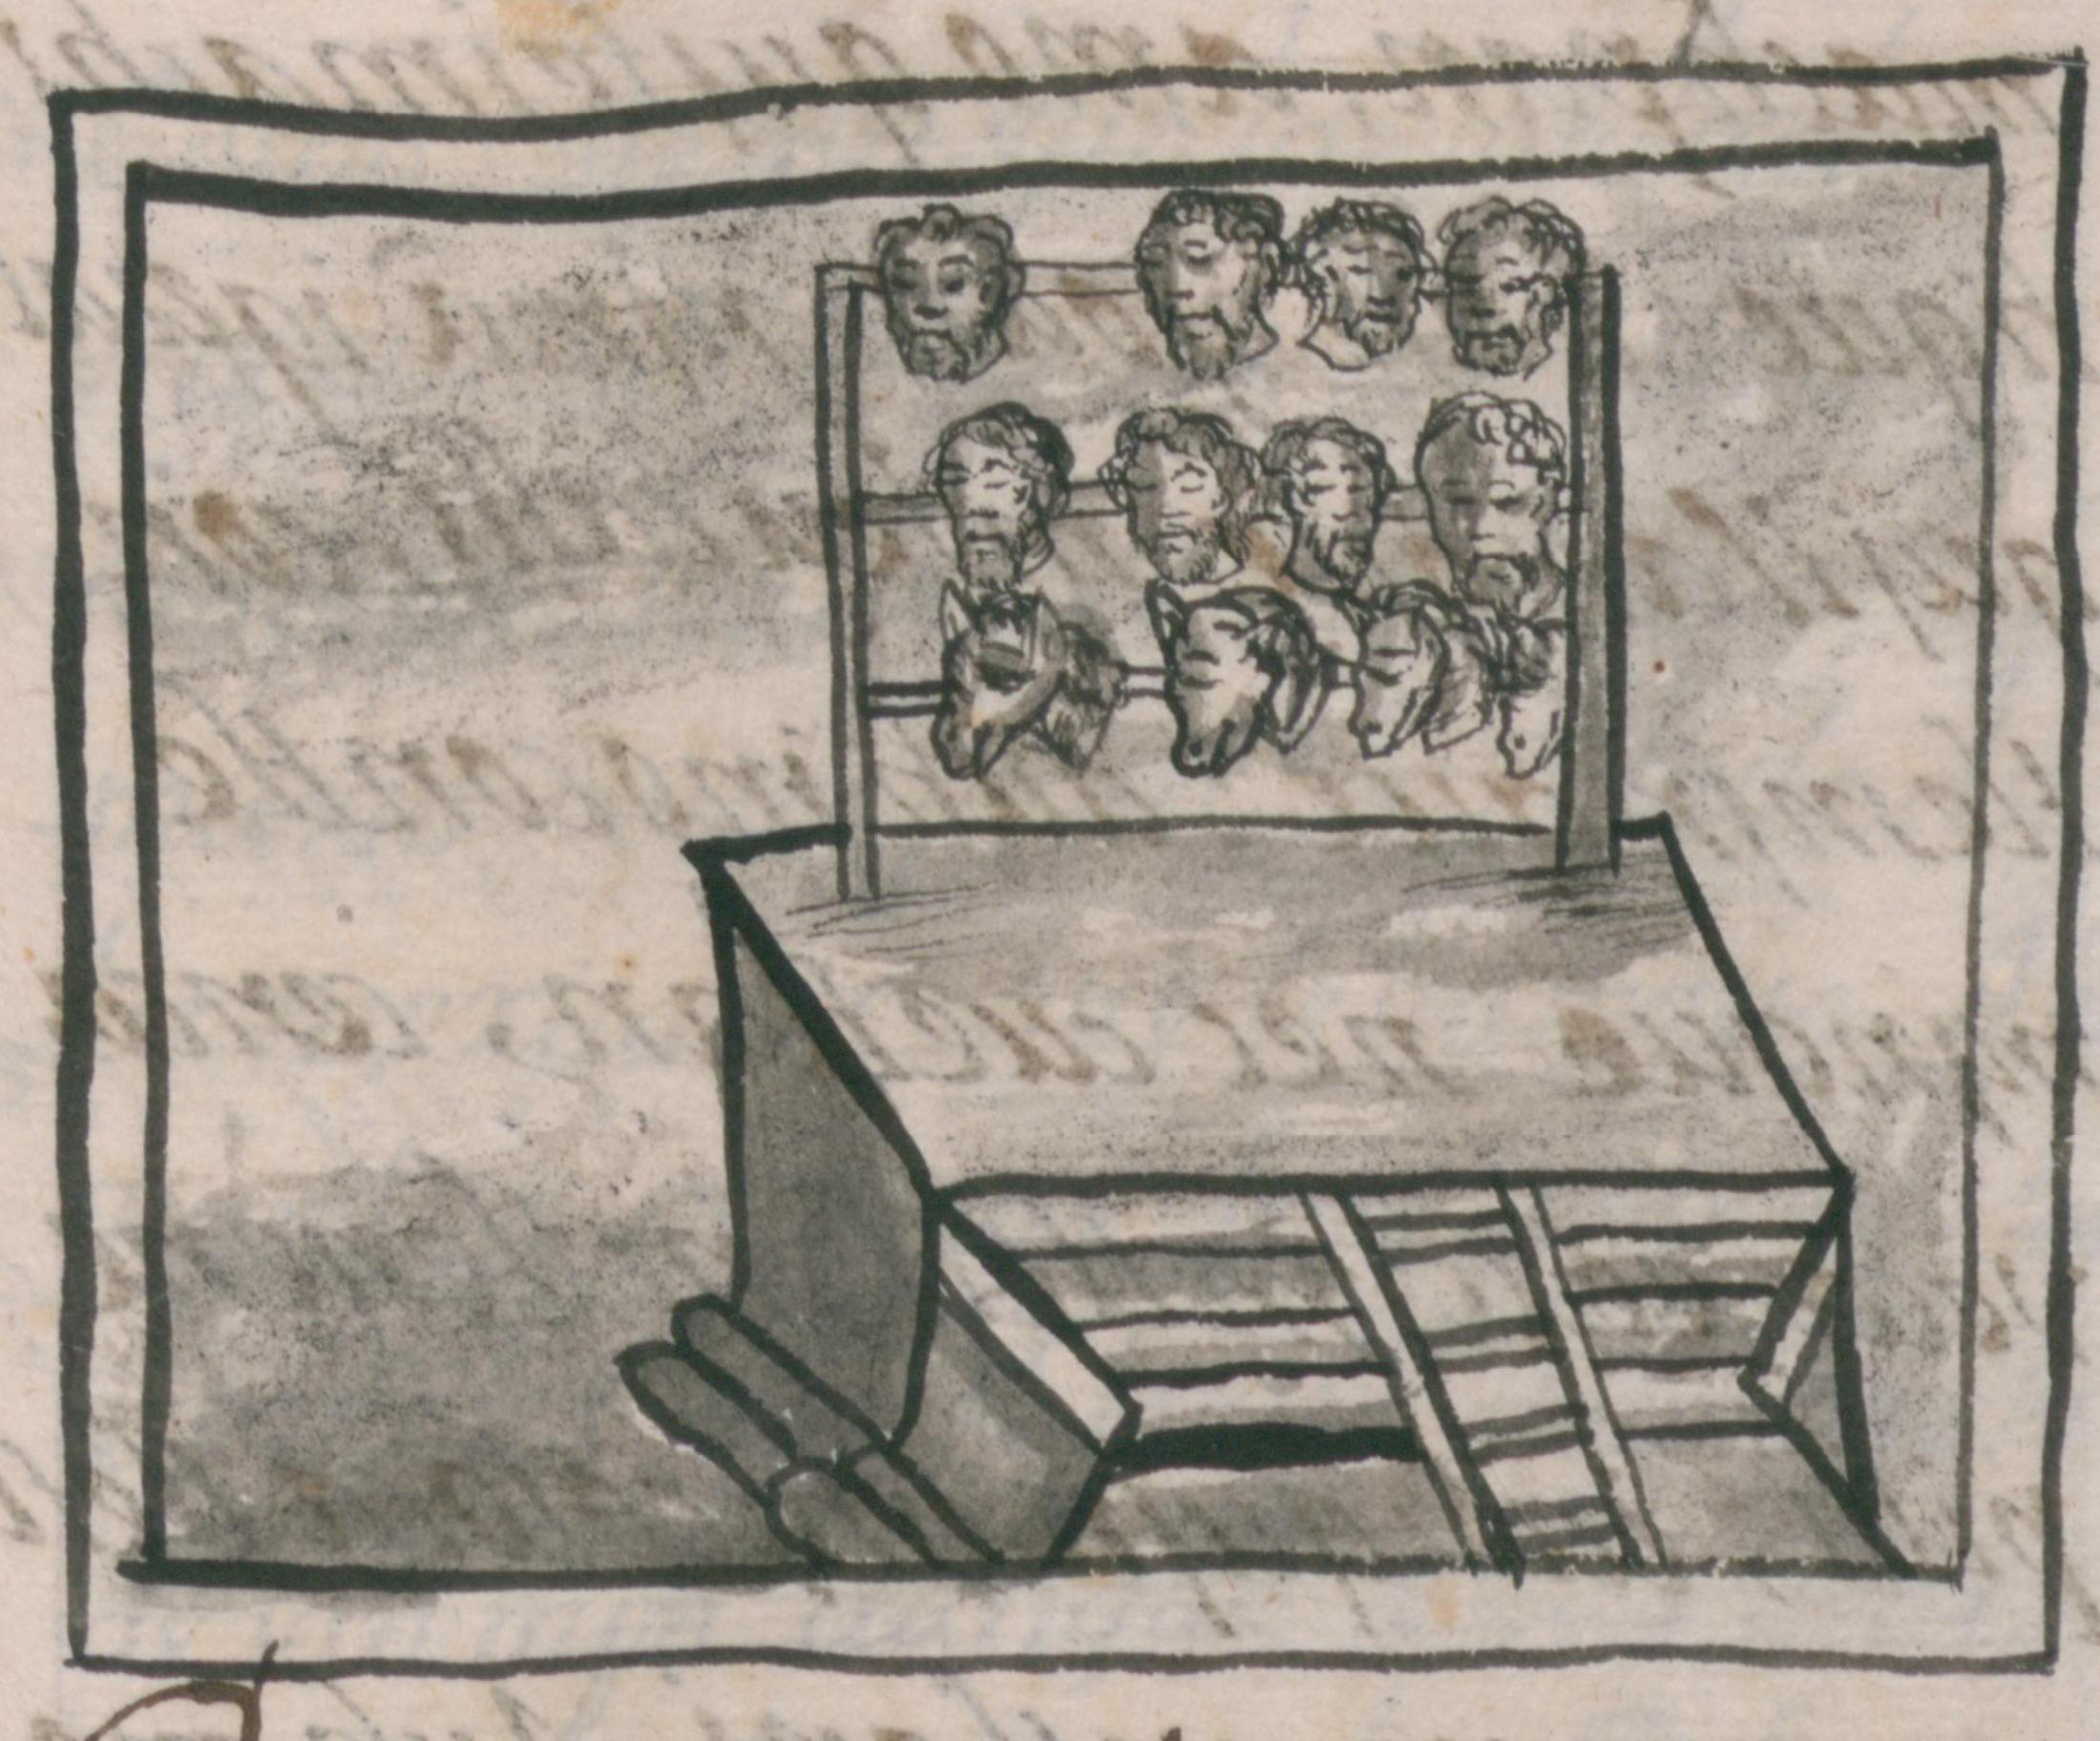 Líbro número doce de el Codice Florentino muestra las cabezas decapitadas de soldados españoles y sus caballos perchadas en un tzompantli frente el templo de Huitzilopochtli